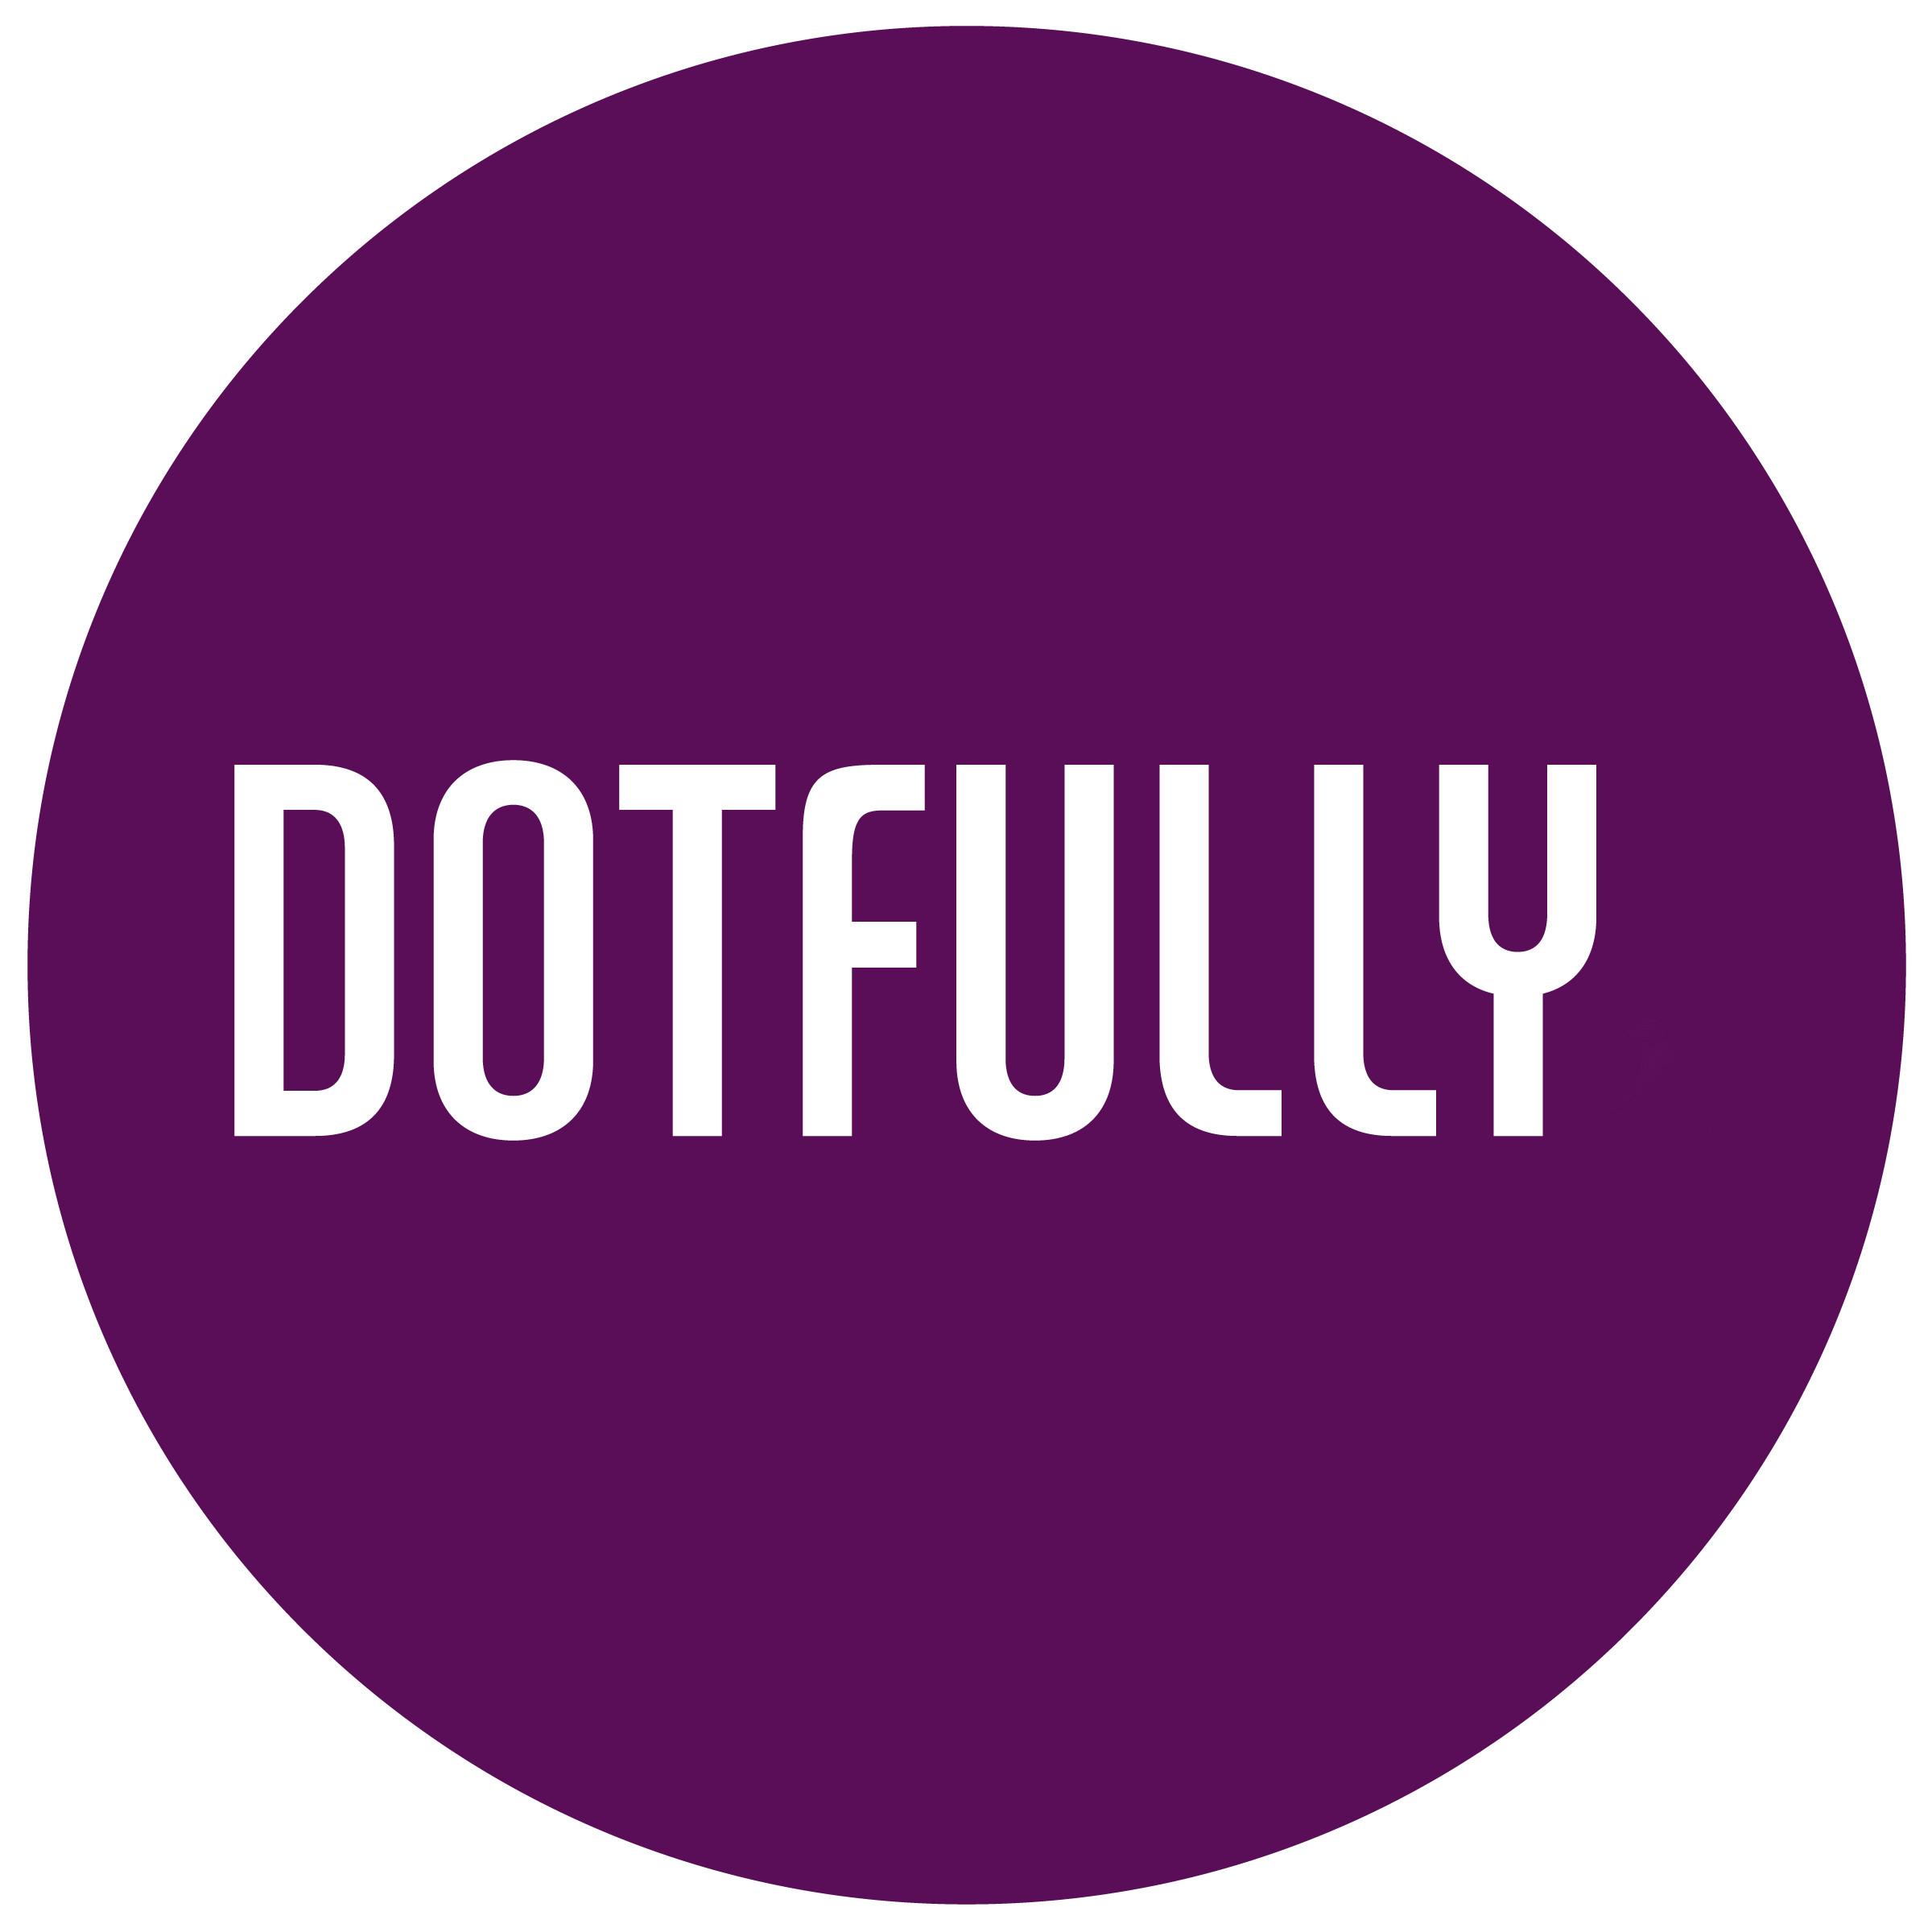 Dotfully